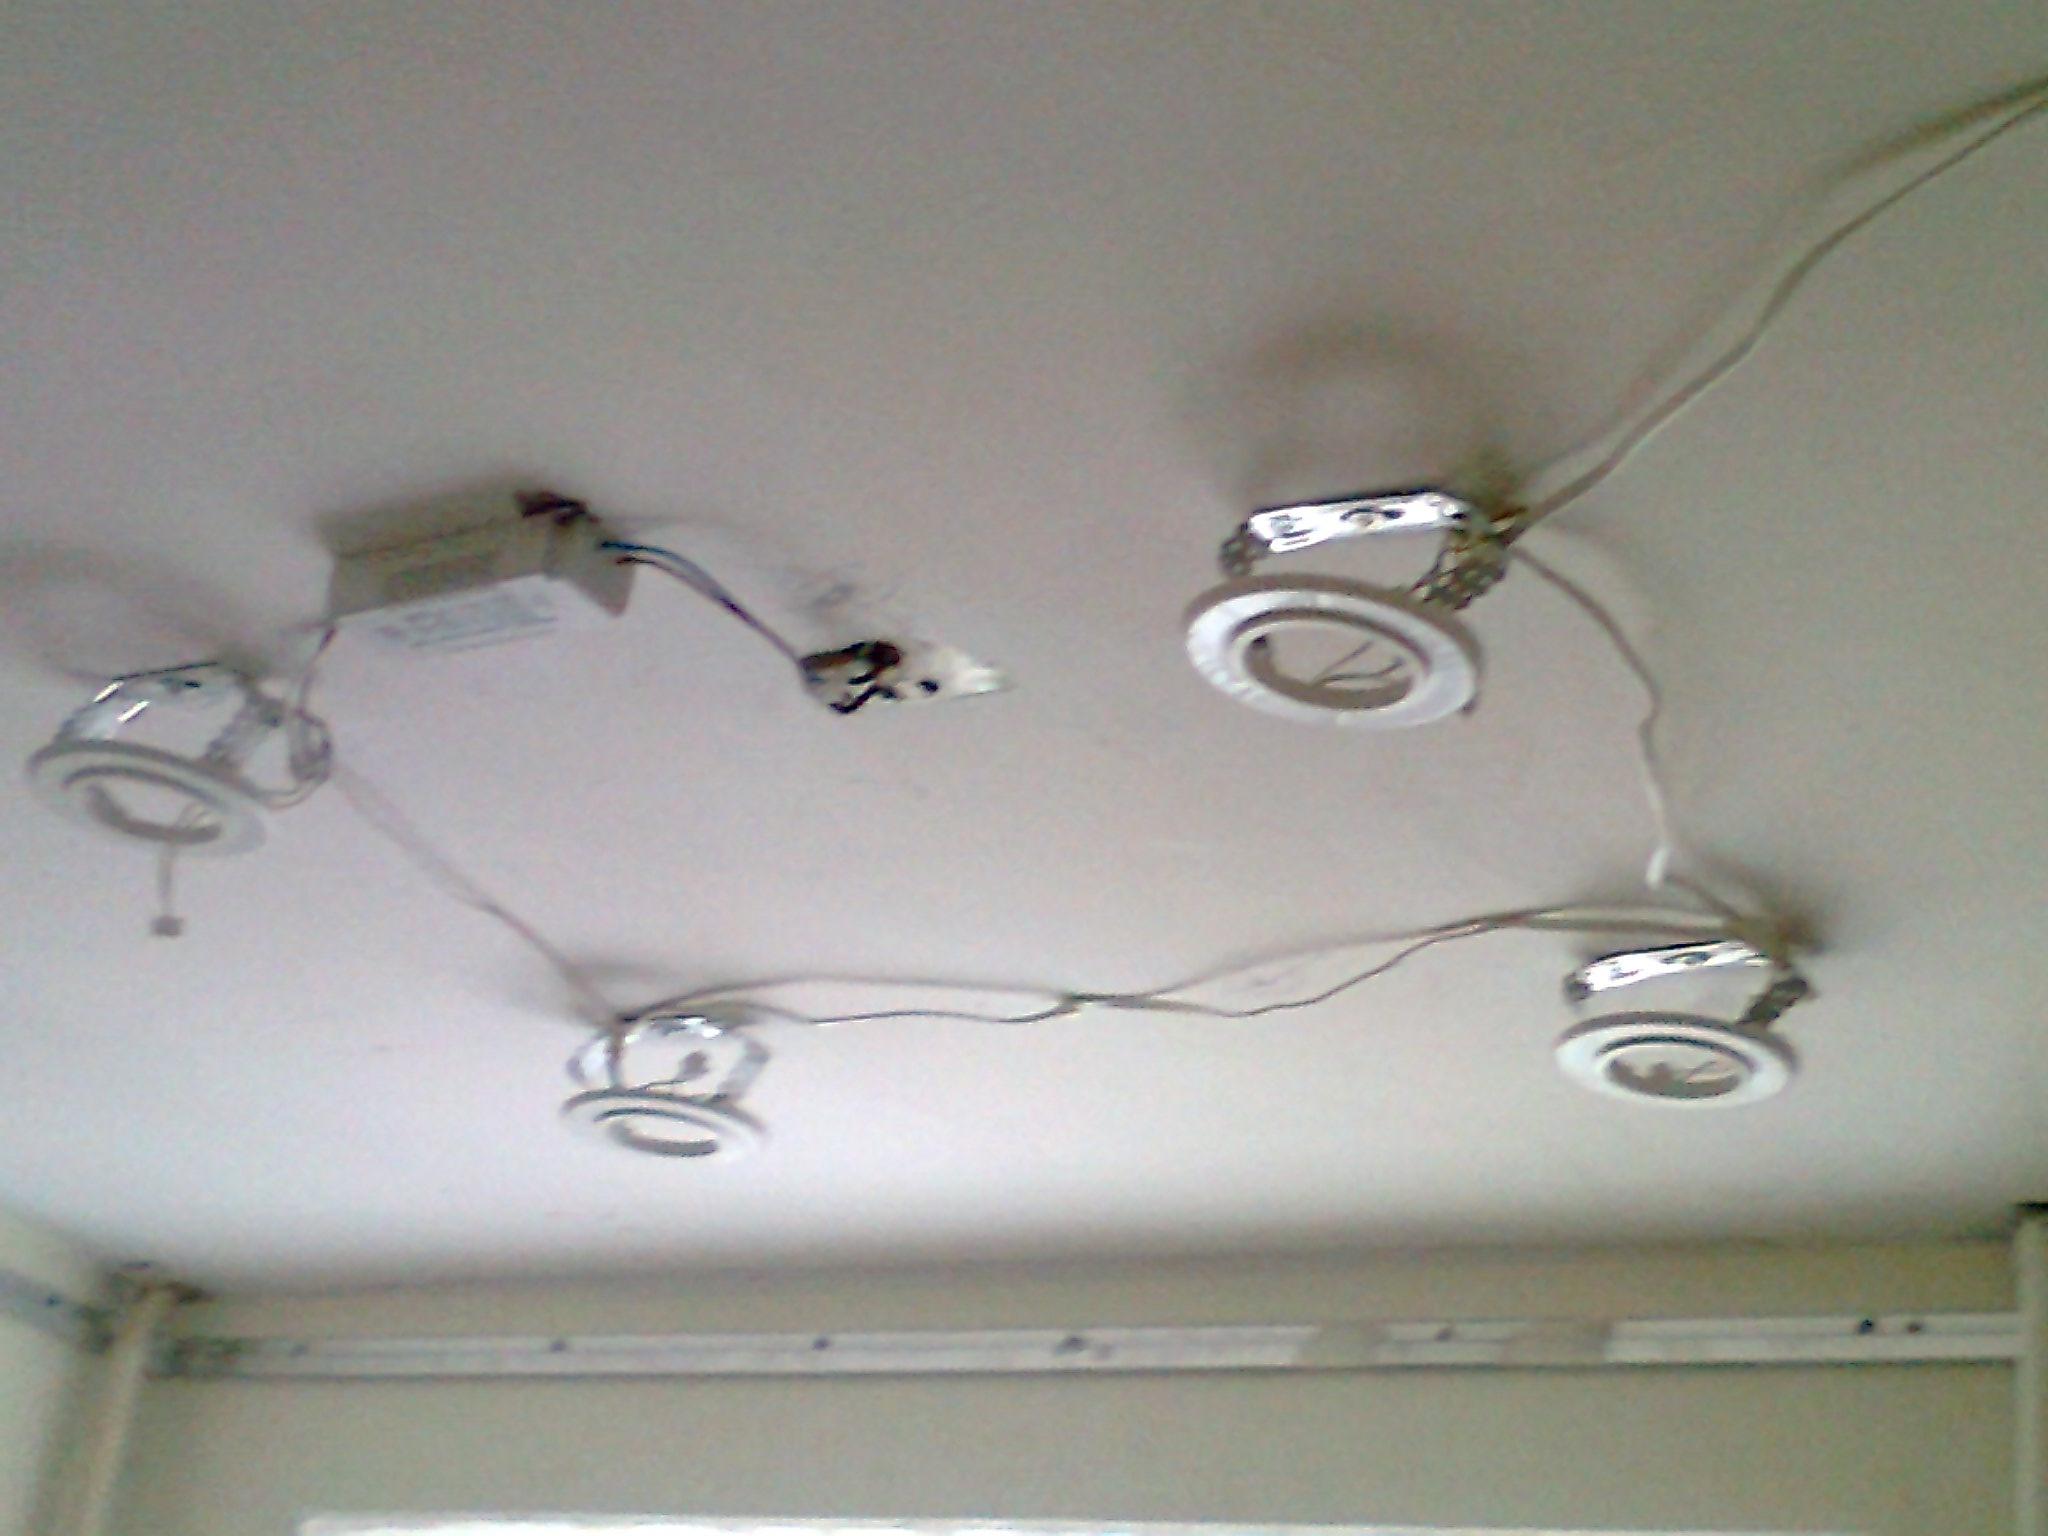 Монтаж стоек под осветительные приборы